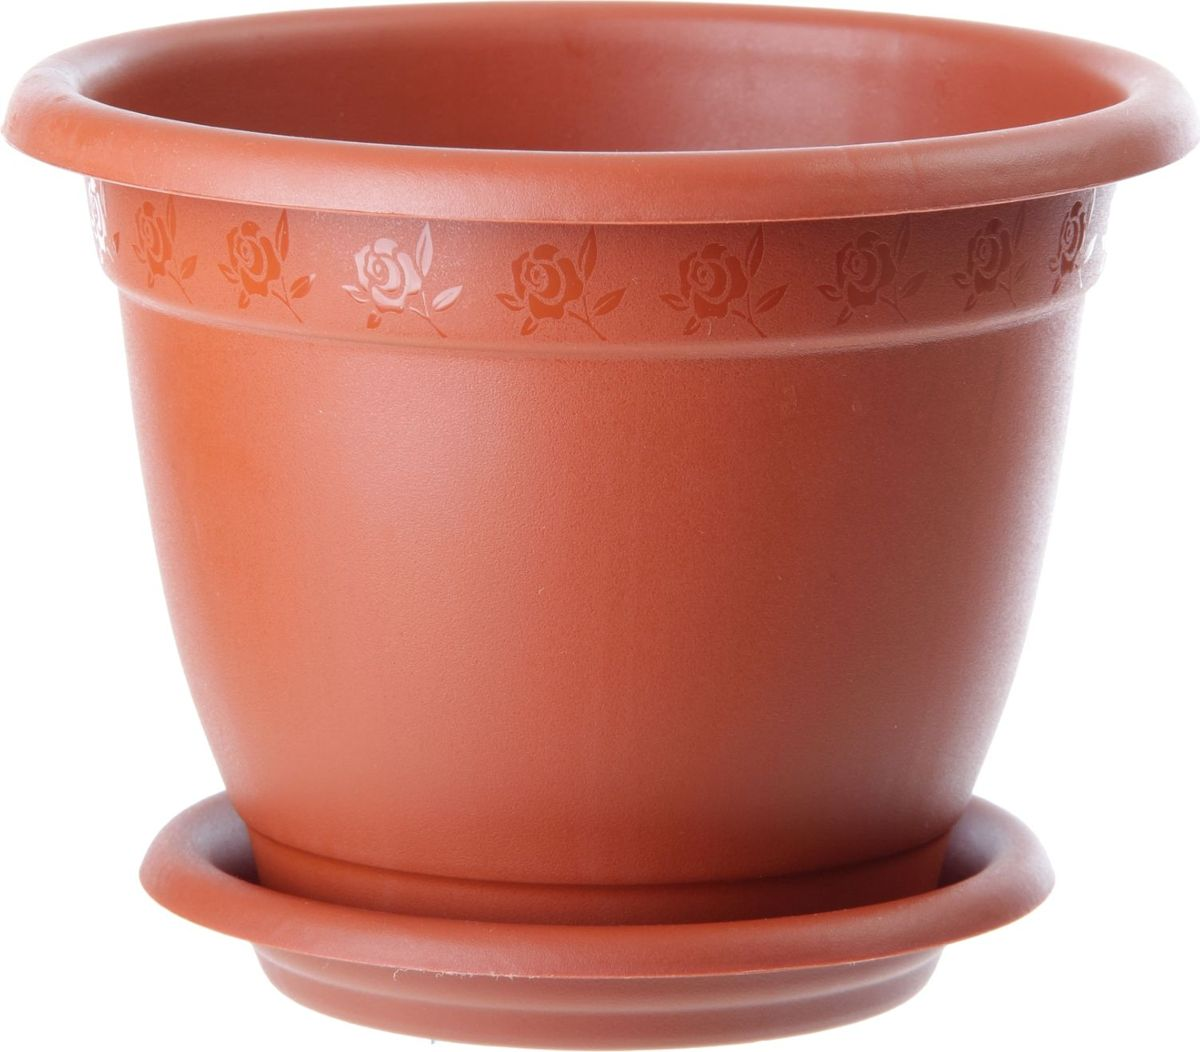 Горшок для цветов InGreen Борнео, с поддоном, цвет: терракотовый, диаметр 24 смING42024FТРЛюбой, даже самый современный и продуманный интерьер будет не завершенным без растений. Они не только очищают воздух и насыщают его кислородом, но и заметно украшают окружающее пространство. Такому полезному члену семьи просто необходимо красивое и функциональное кашпо, оригинальный горшок или необычная ваза! Мы предлагаем - Горшок для цветов d=24 см Борнео 4,4 л, с подставкой, цвет терракотовый! Оптимальный выбор материала - это пластмасса! Почему мы так считаем? Малый вес. С легкостью переносите горшки и кашпо с места на место, ставьте их на столики или полки, подвешивайте под потолок, не беспокоясь о нагрузке. Простота ухода. Пластиковые изделия не нуждаются в специальных условиях хранения. Их легко чистить достаточно просто сполоснуть теплой водой. Никаких царапин. Пластиковые кашпо не царапают и не загрязняют поверхности, на которых стоят. Пластик дольше хранит влагу, а значит растение реже нуждается в поливе. Пластмасса не пропускает воздух корневой системе растения не грозят резкие перепады температур. Огромный выбор форм, декора и расцветок вы без труда подберете что-то, что идеально впишется в уже существующий интерьер. Соблюдая нехитрые правила ухода, вы можете заметно продлить срок службы горшков, вазонов и кашпо из пластика: всегда учитывайте размер кроны и корневой системы растения (при разрастании большое растение способно повредить маленький горшок) берегите изделие от воздействия прямых солнечных лучей, чтобы кашпо и горшки не выцветали держите кашпо и горшки из пластика подальше от нагревающихся поверхностей. Создавайте прекрасные цветочные композиции, выращивайте рассаду или необычные растения, а низкие цены позволят вам не ограничивать себя в выборе.